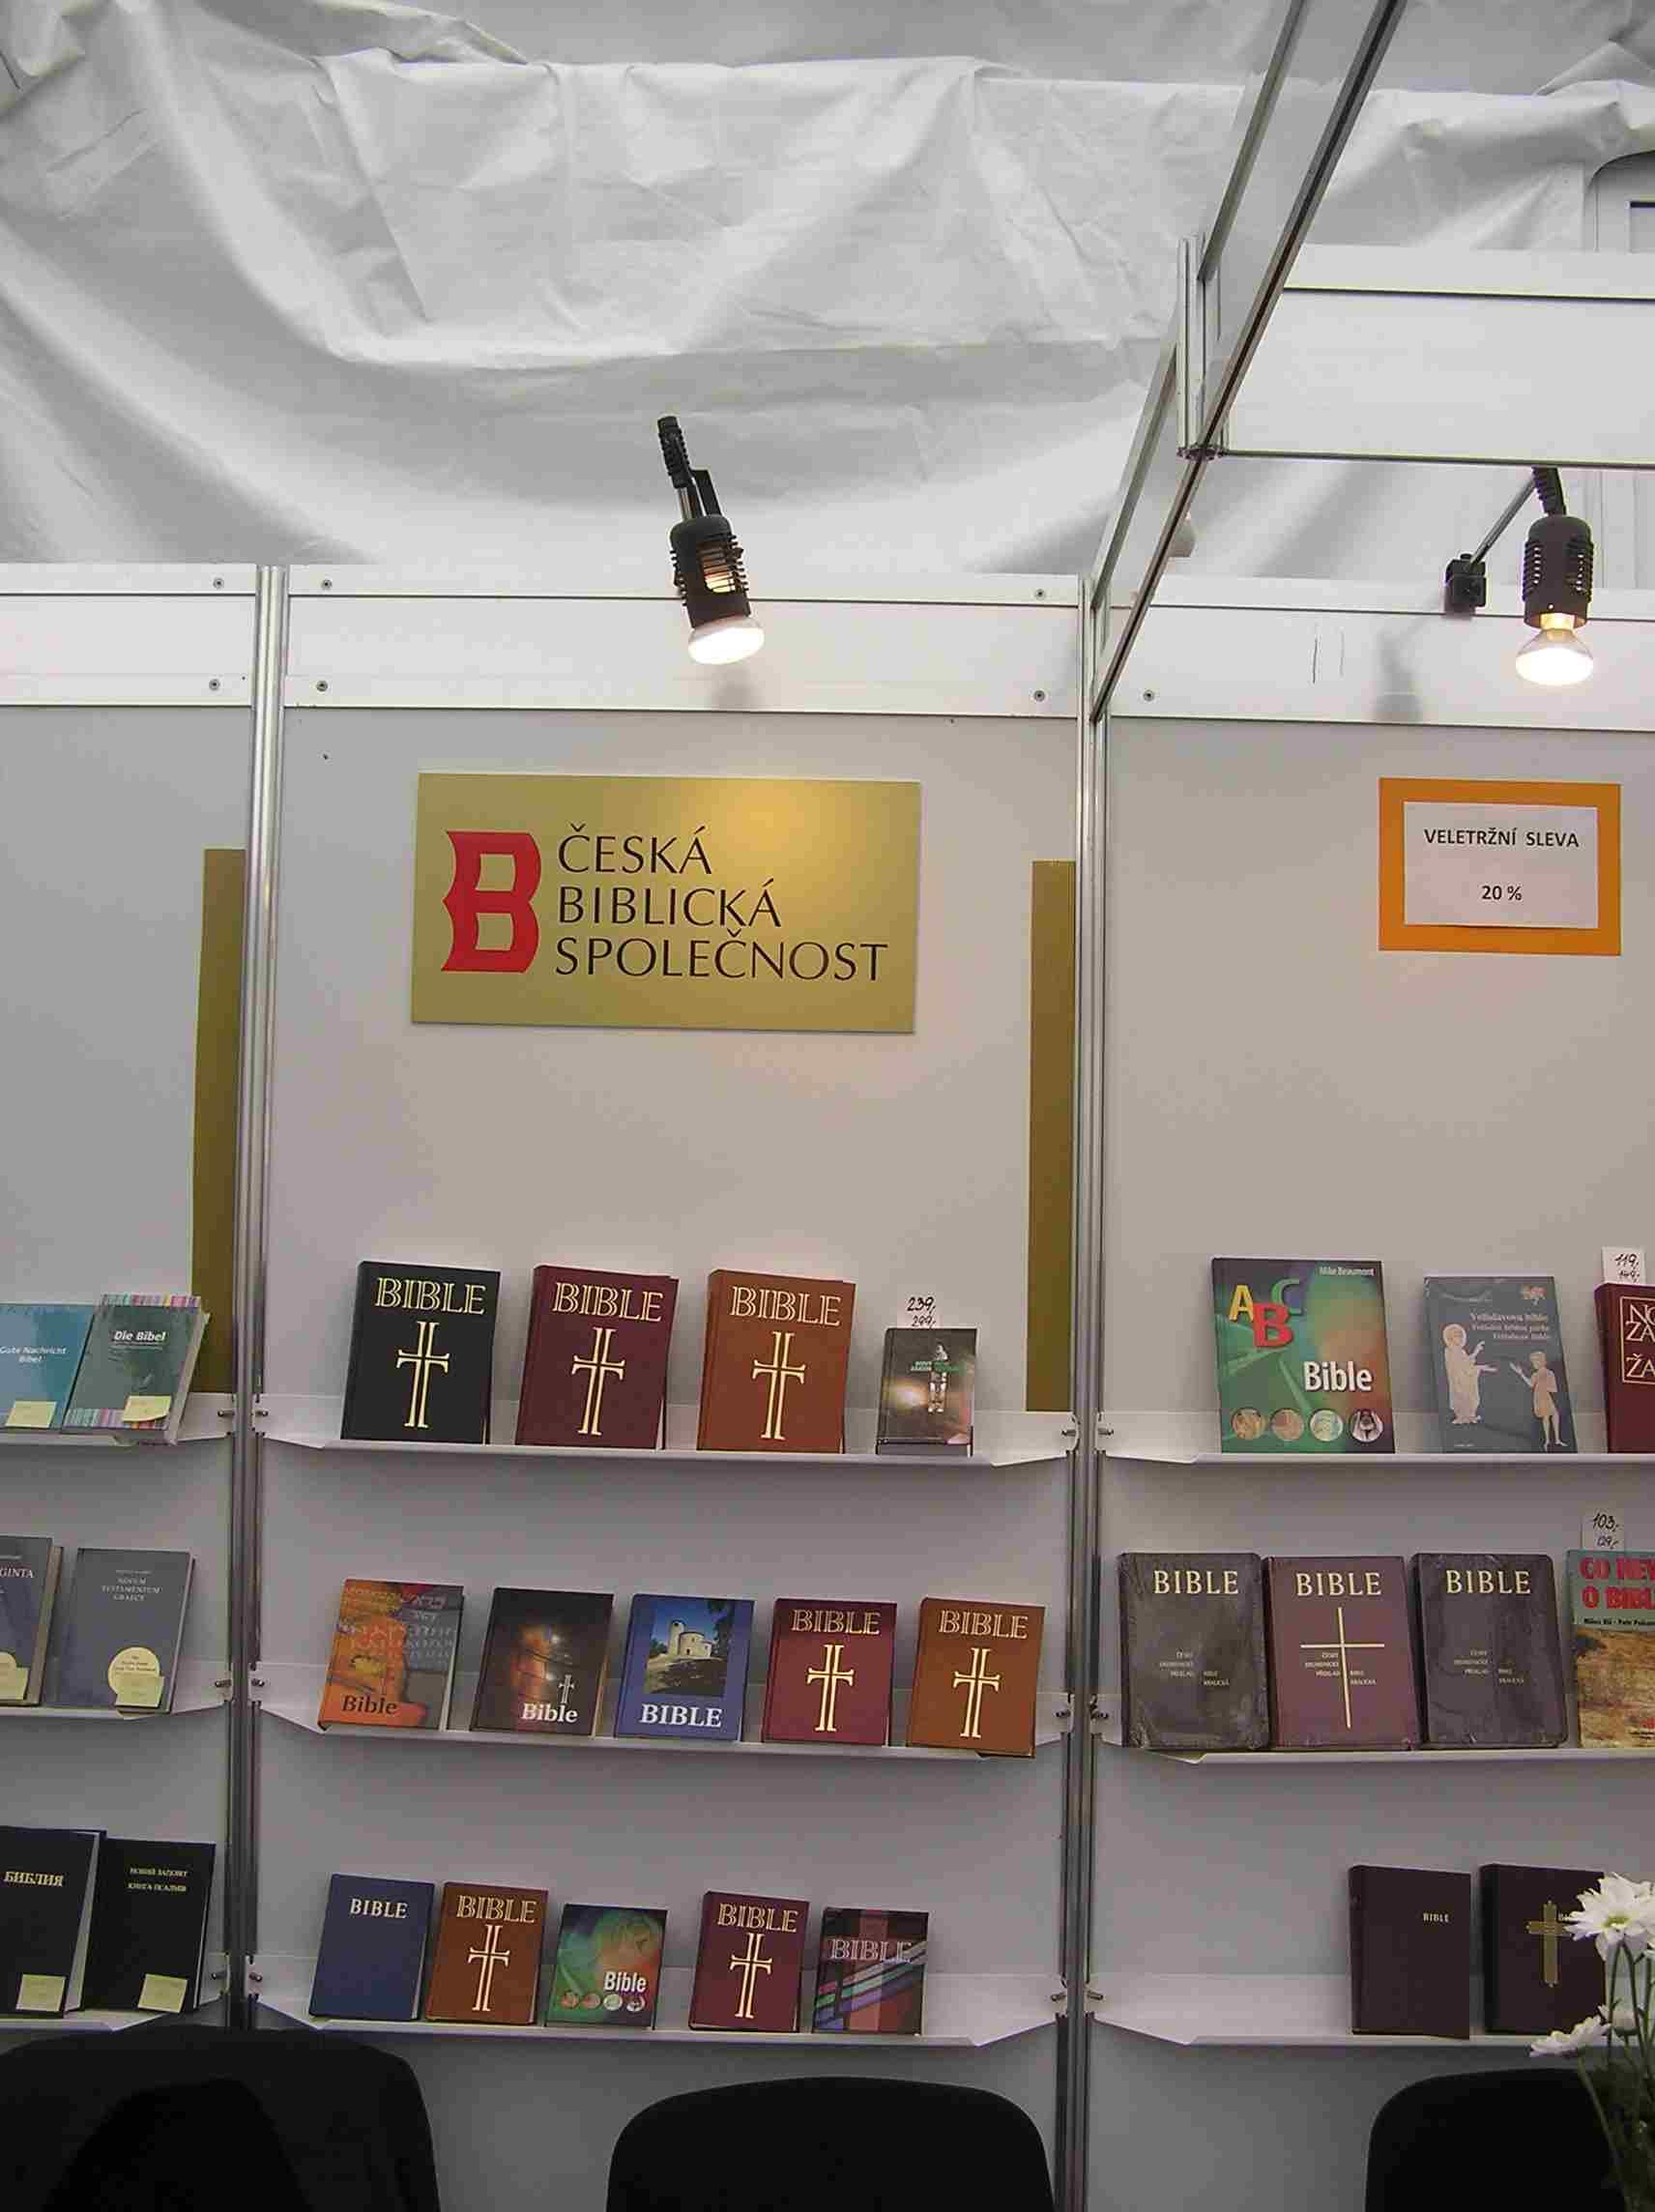 """Obr. 6: Česká biblická společnost představila armádní bibli """"v maskáčích"""", bibli, která může měnit obal, nové dětské bible, audiobibli či bibli na internetu"""